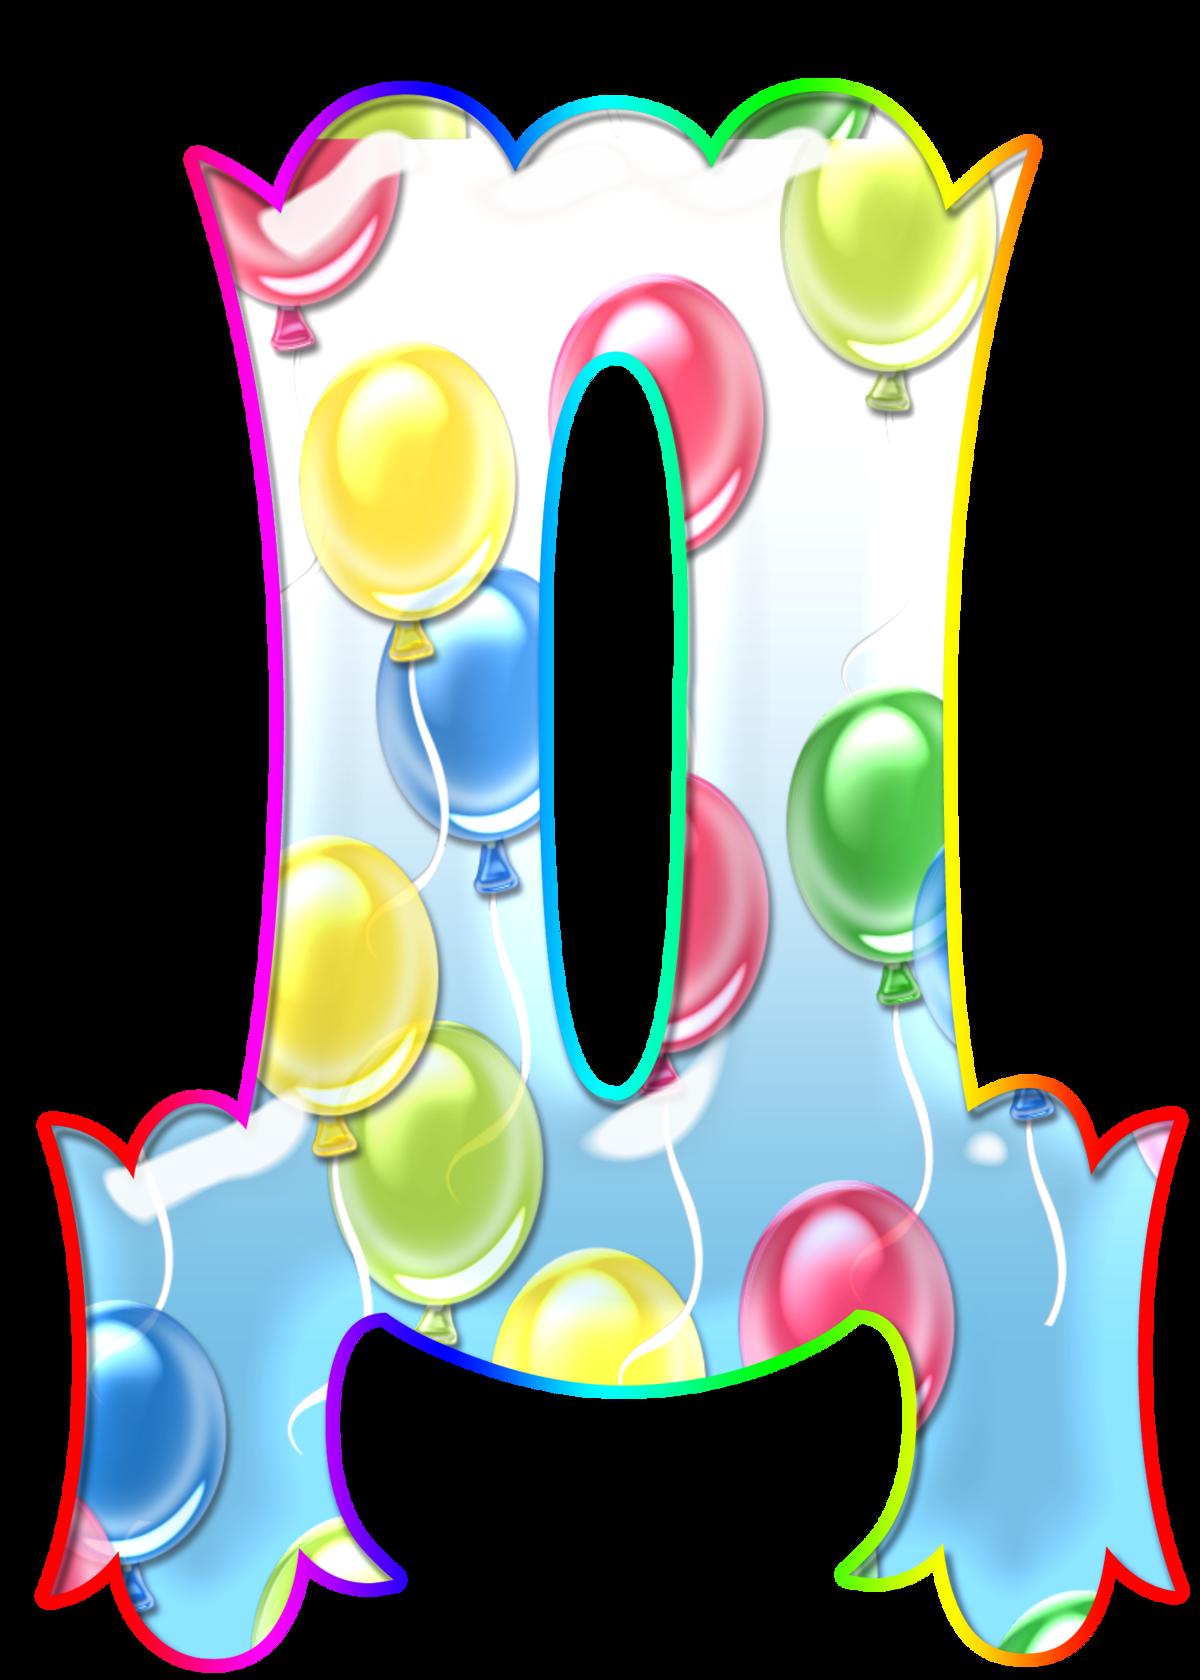 красивые буквы для поздравления картинки гарнитуры продажа выгодным